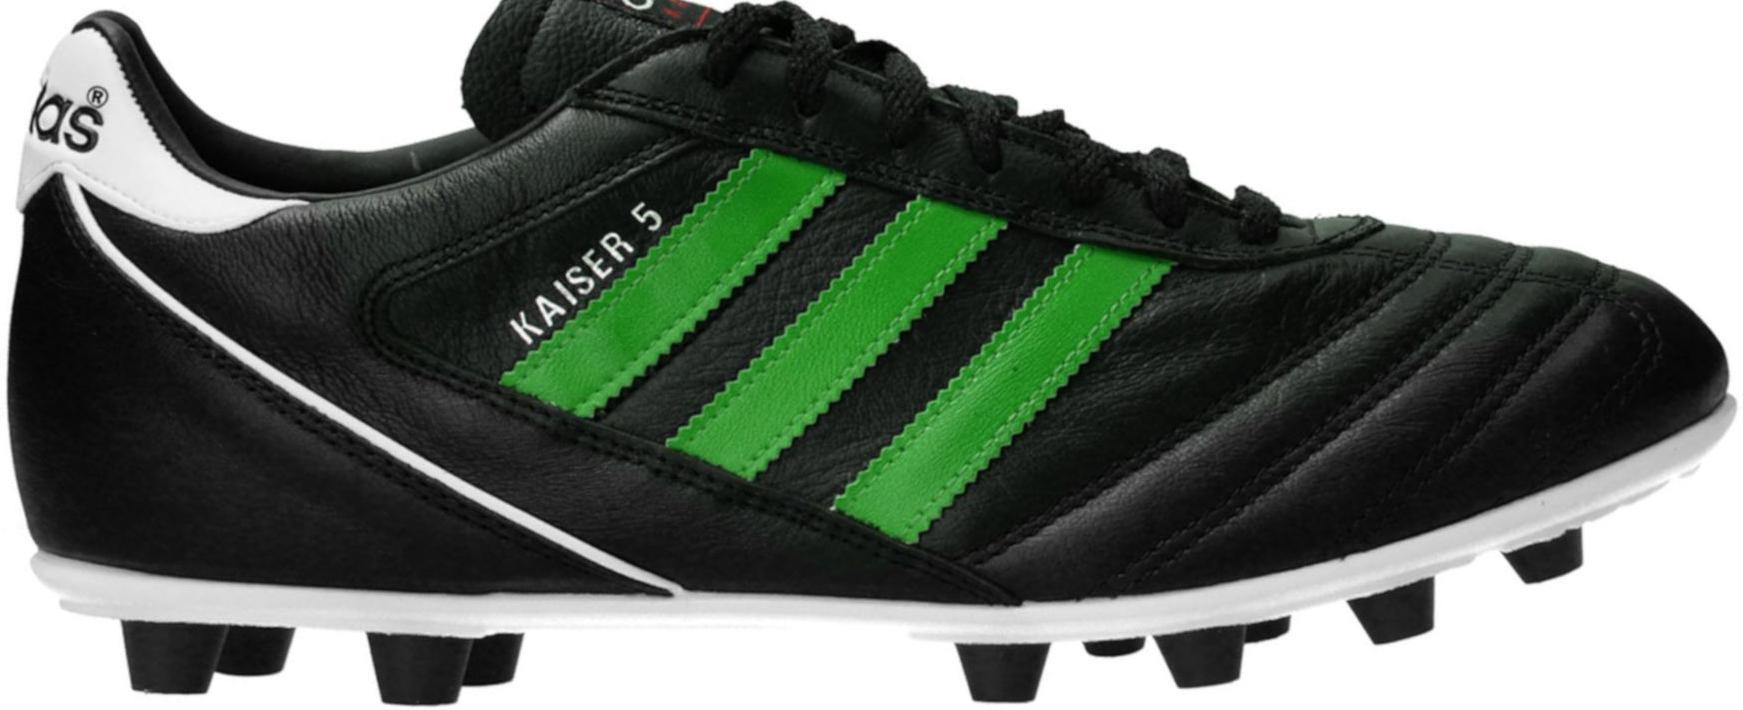 Kopačky adidas  Kaiser 5 Liga FG Green Stripes Schwarz černá